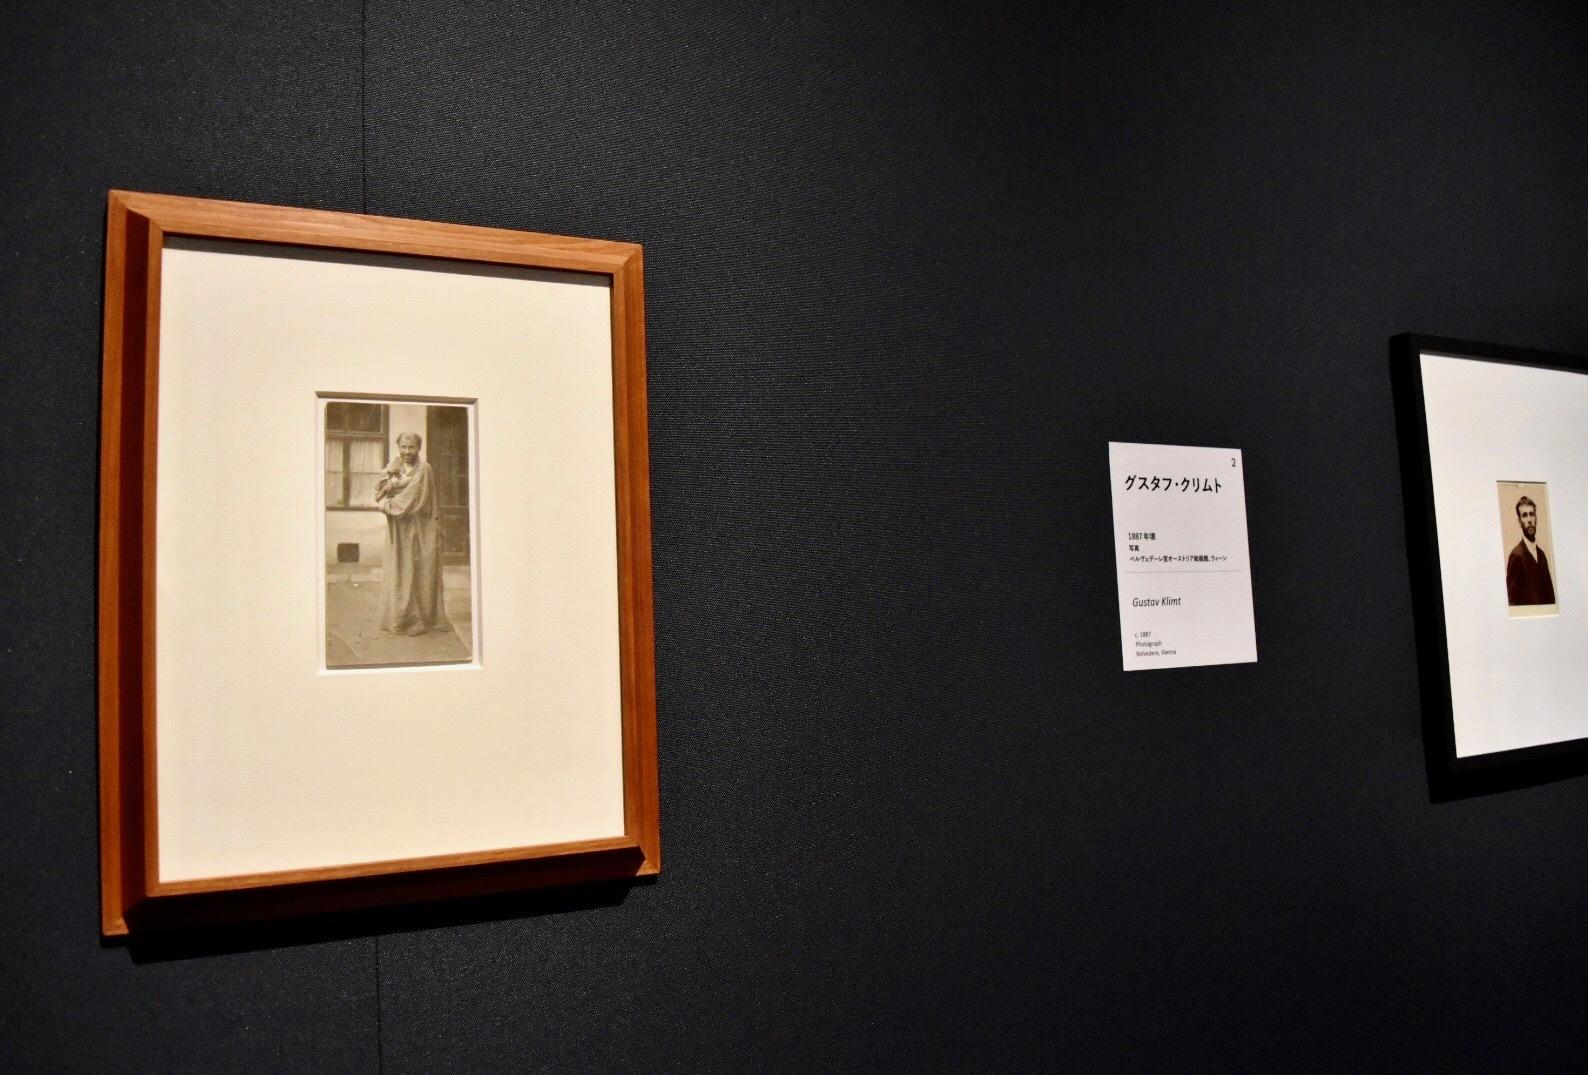 左:モーリッツ・ネーア 《猫を抱くグスタフ・クリムト、ヨーゼフシュテッター通り21番地のアトリエ前にて》 1911年 ベルヴェデーレ宮オーストリア絵画館蔵